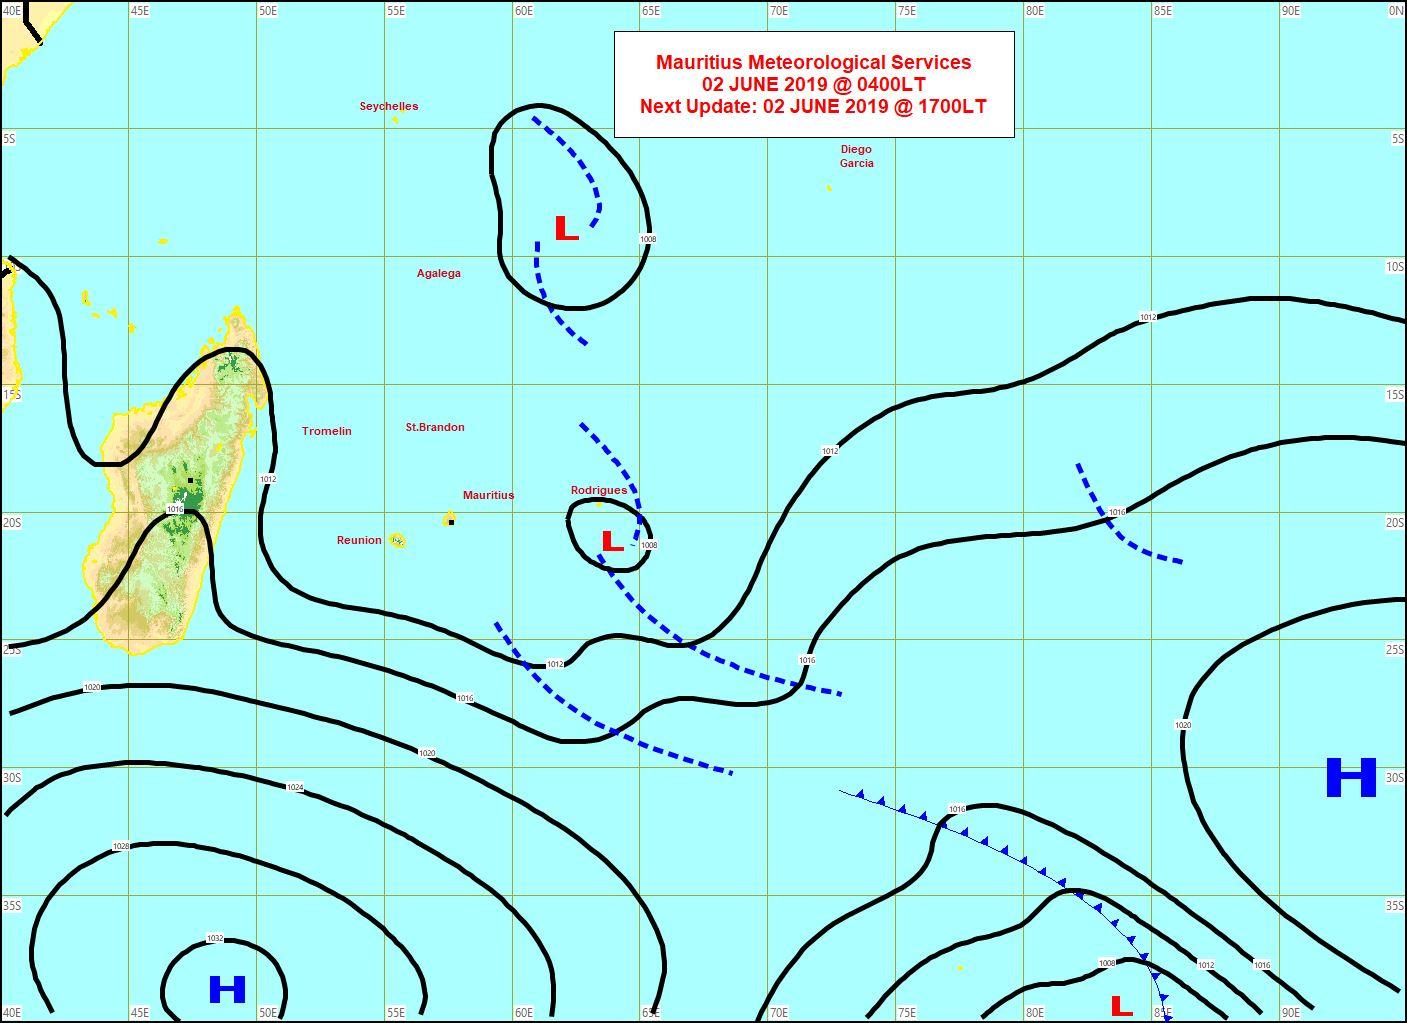 Analyse de la situation de surface à 4heures ce matin. L'anticylone(H) au sud sud-ouest des Mascareignes va apporter un changement de temps à partir de Lundi. L'instablité quant à elle s'éloigne graduellement de RODRIGUES. MMS